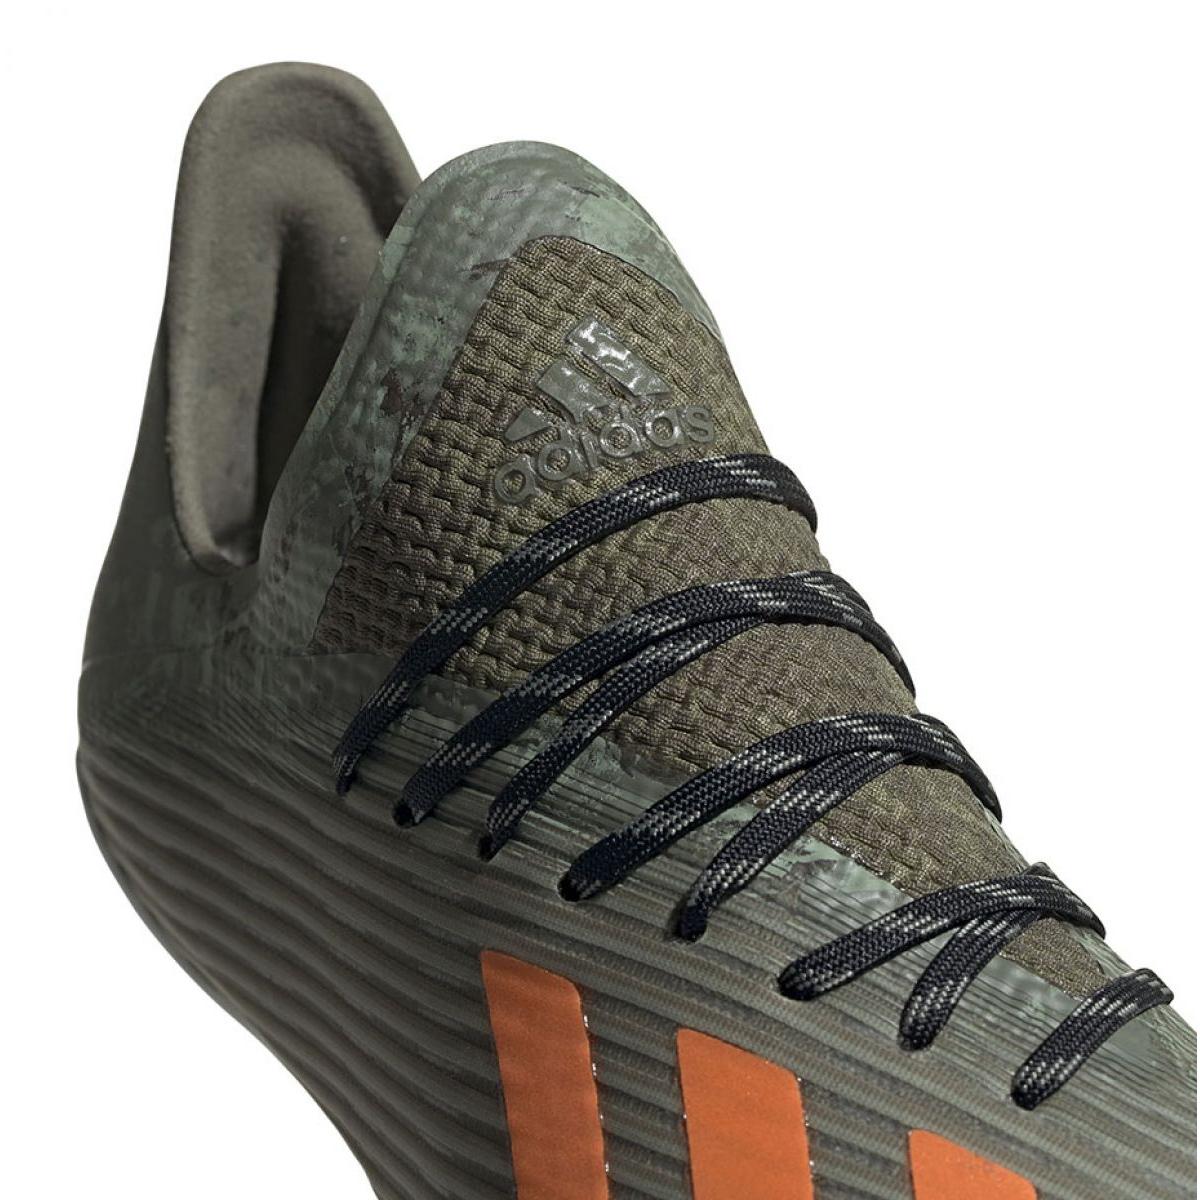 Chuteiras de futebol Adidas X 19.1 Jr Fg EF8301 verde verde